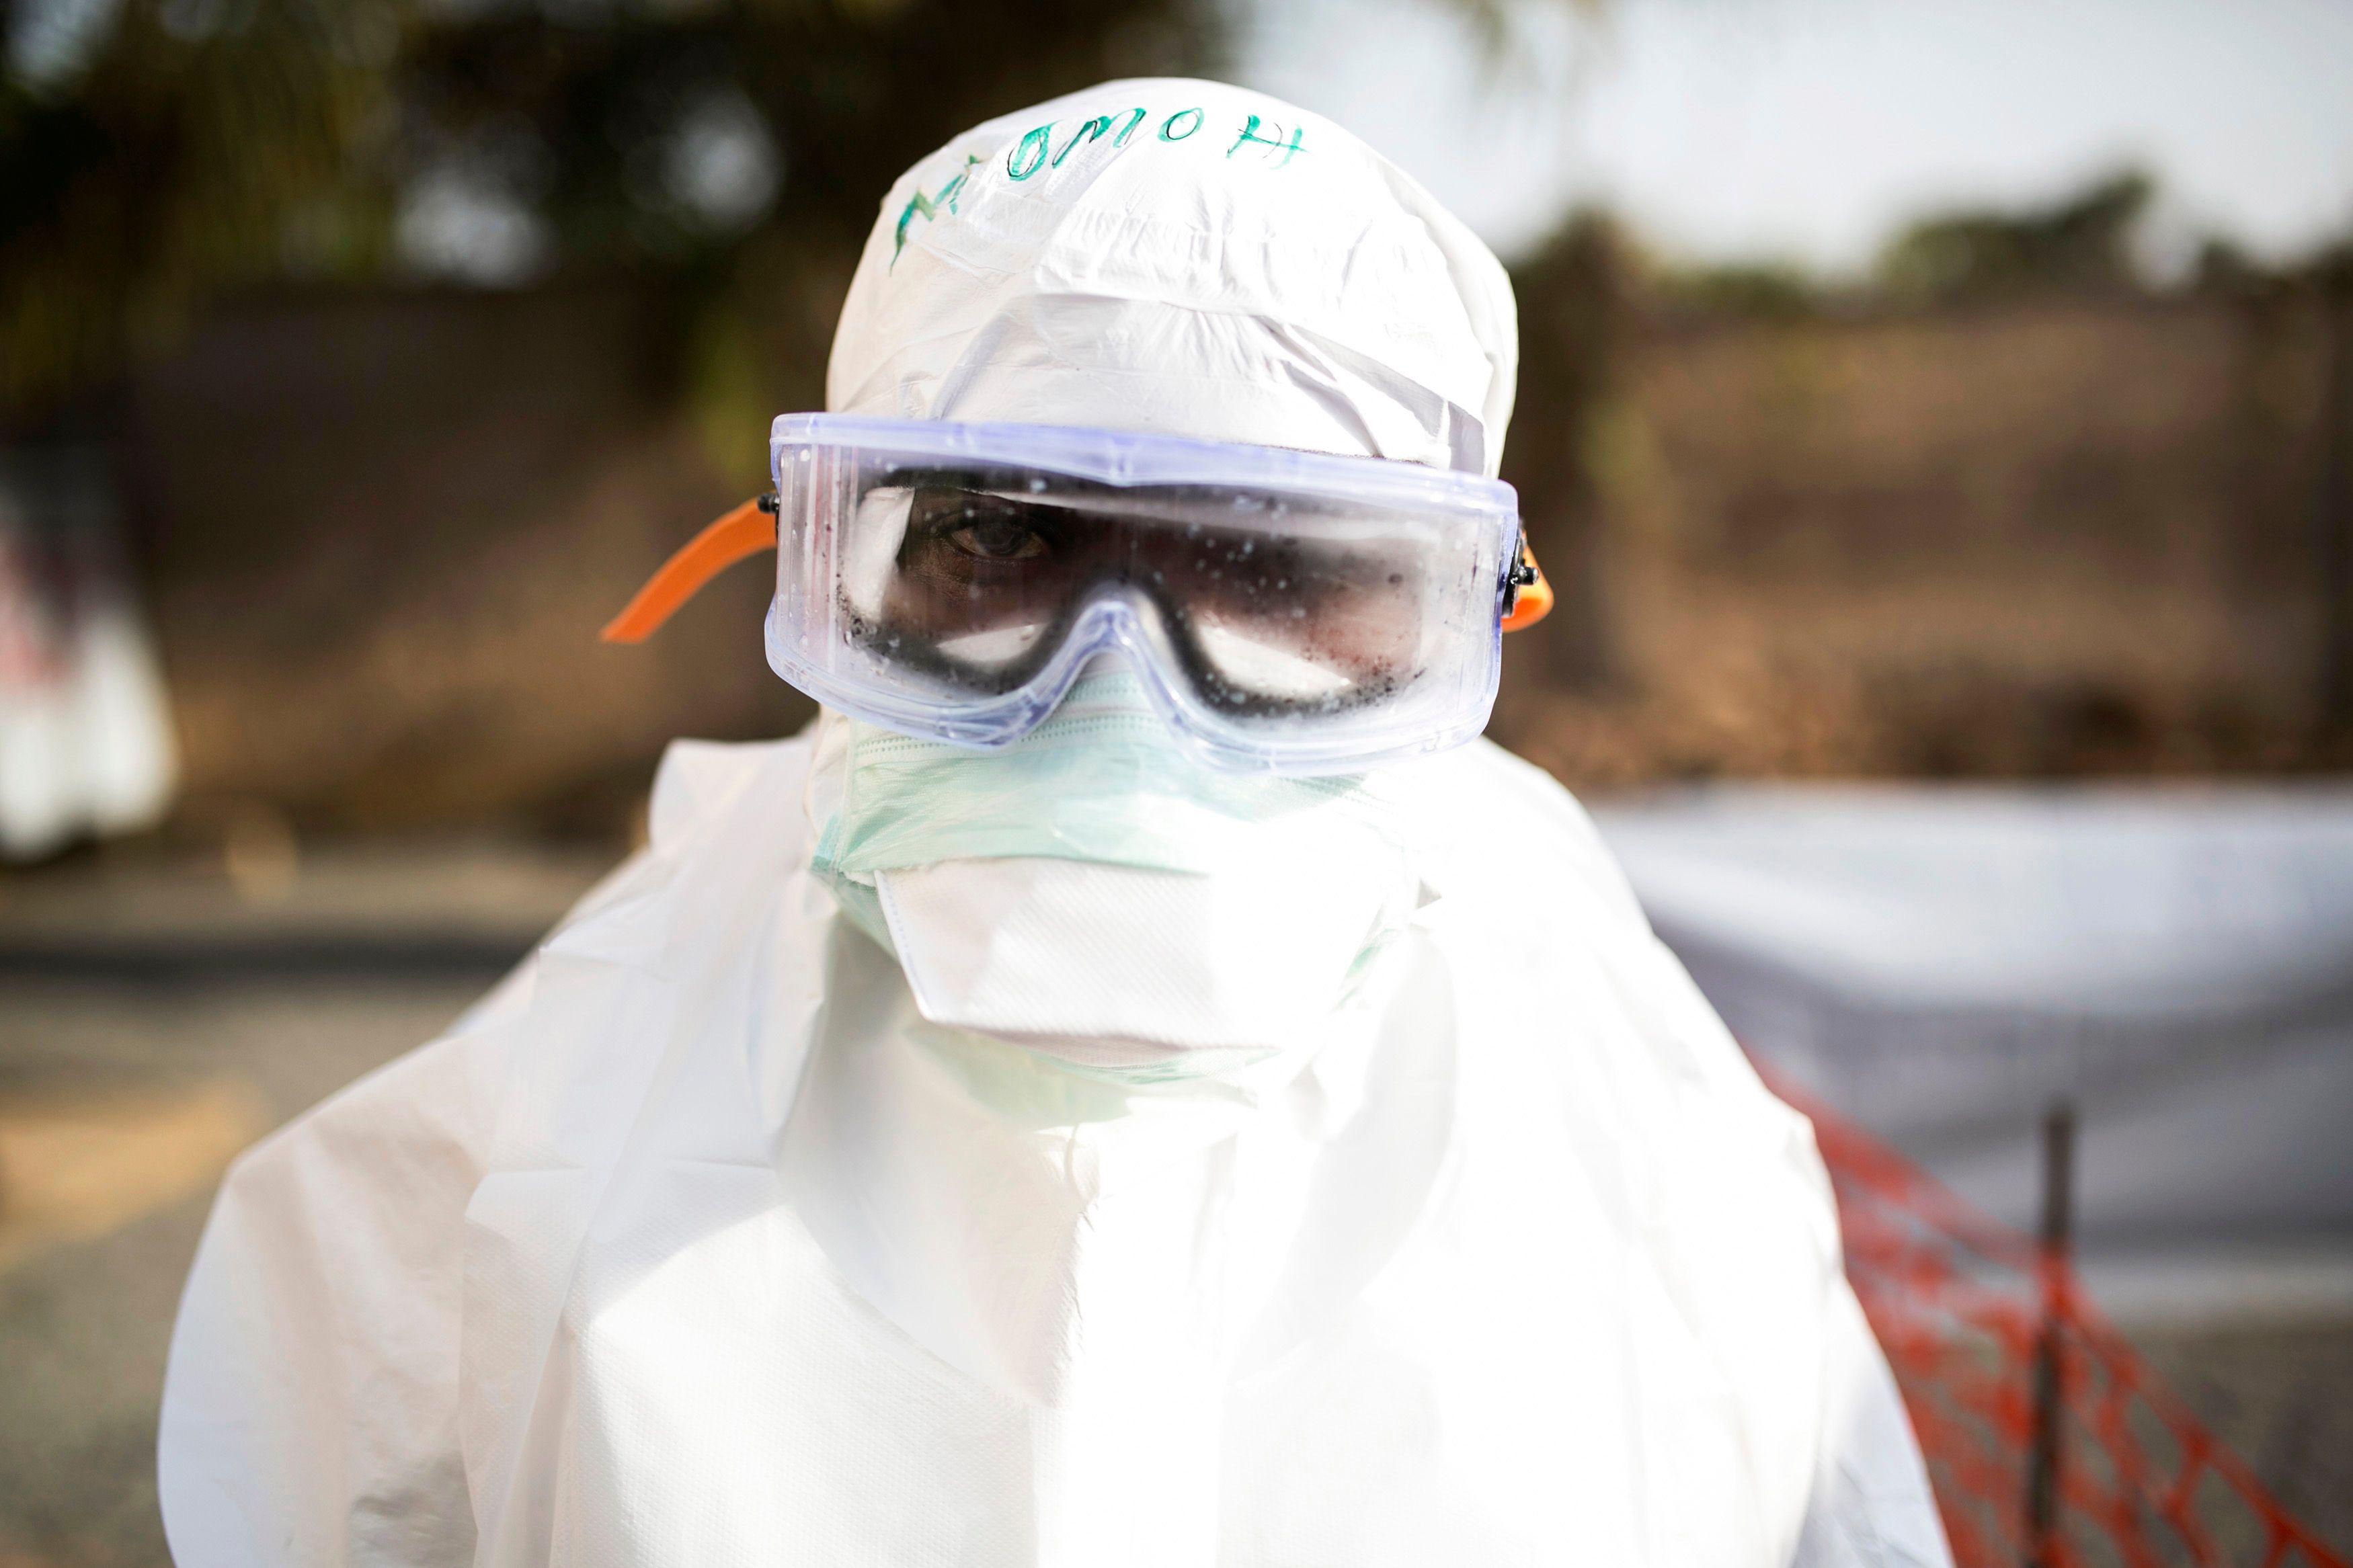 Agents chimiques : des combinaisons dérobées à l'hôpital Necker